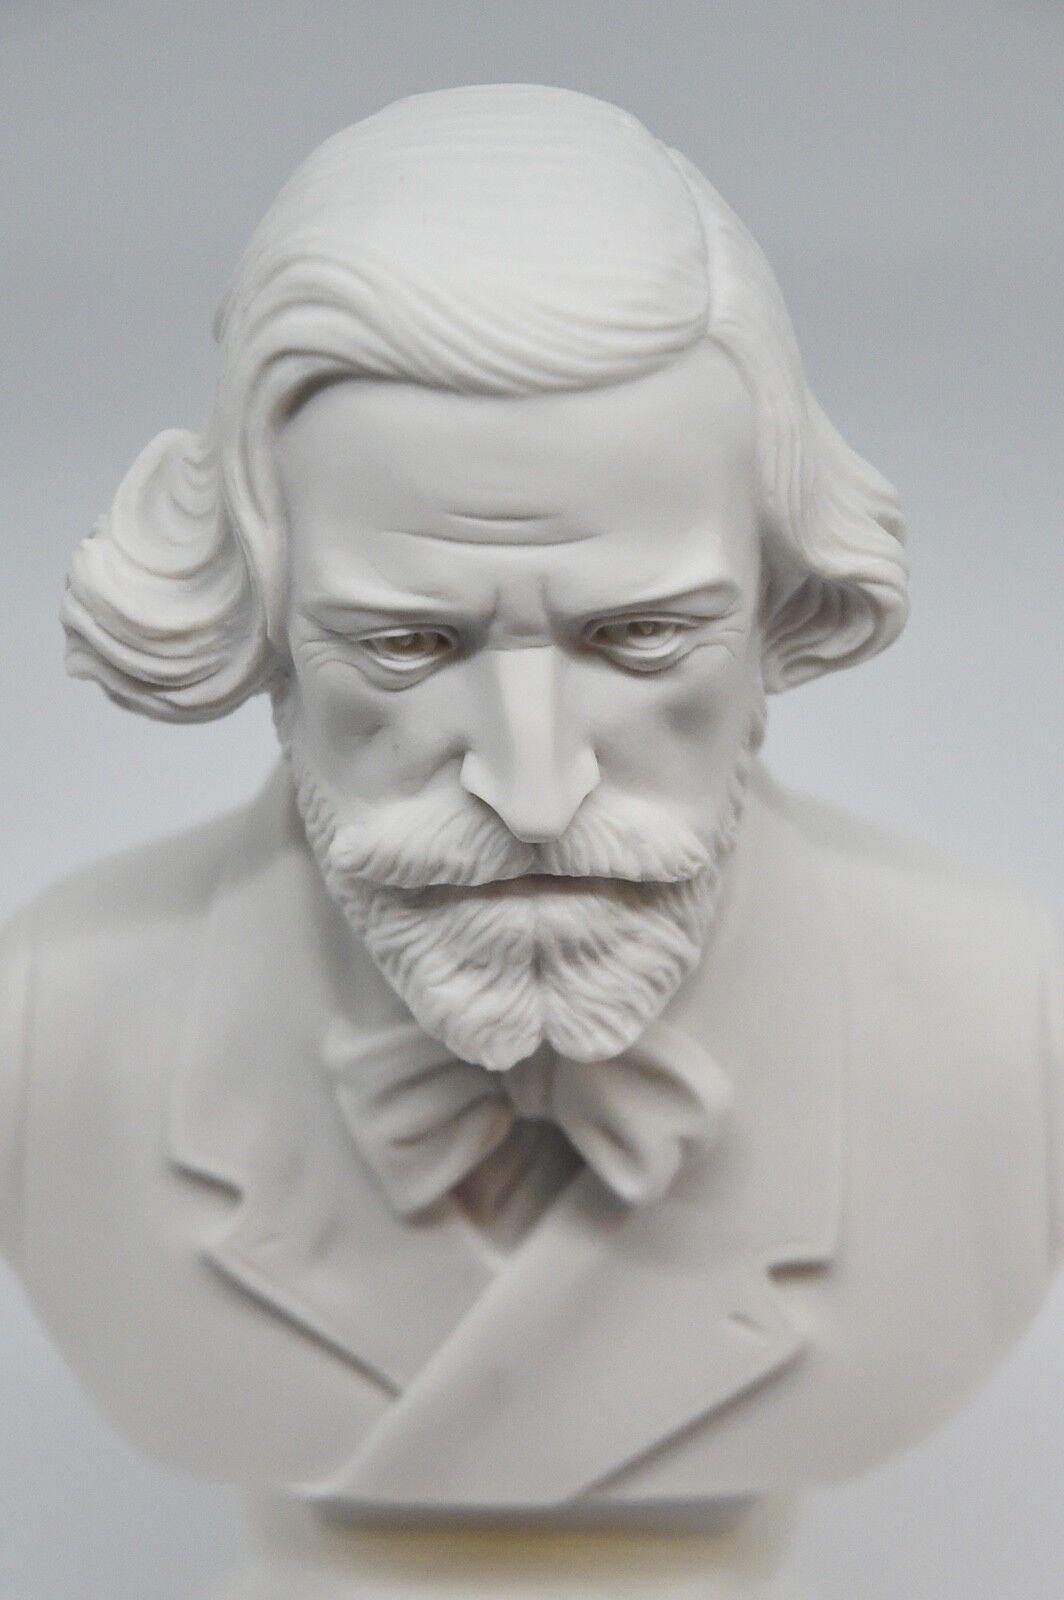 molto popolare Statue  Busto di Giuseppe Verdi Verdi Verdi - Bust of Giuseppe Verdi (Made in ) 30 cm  Negozio 2018